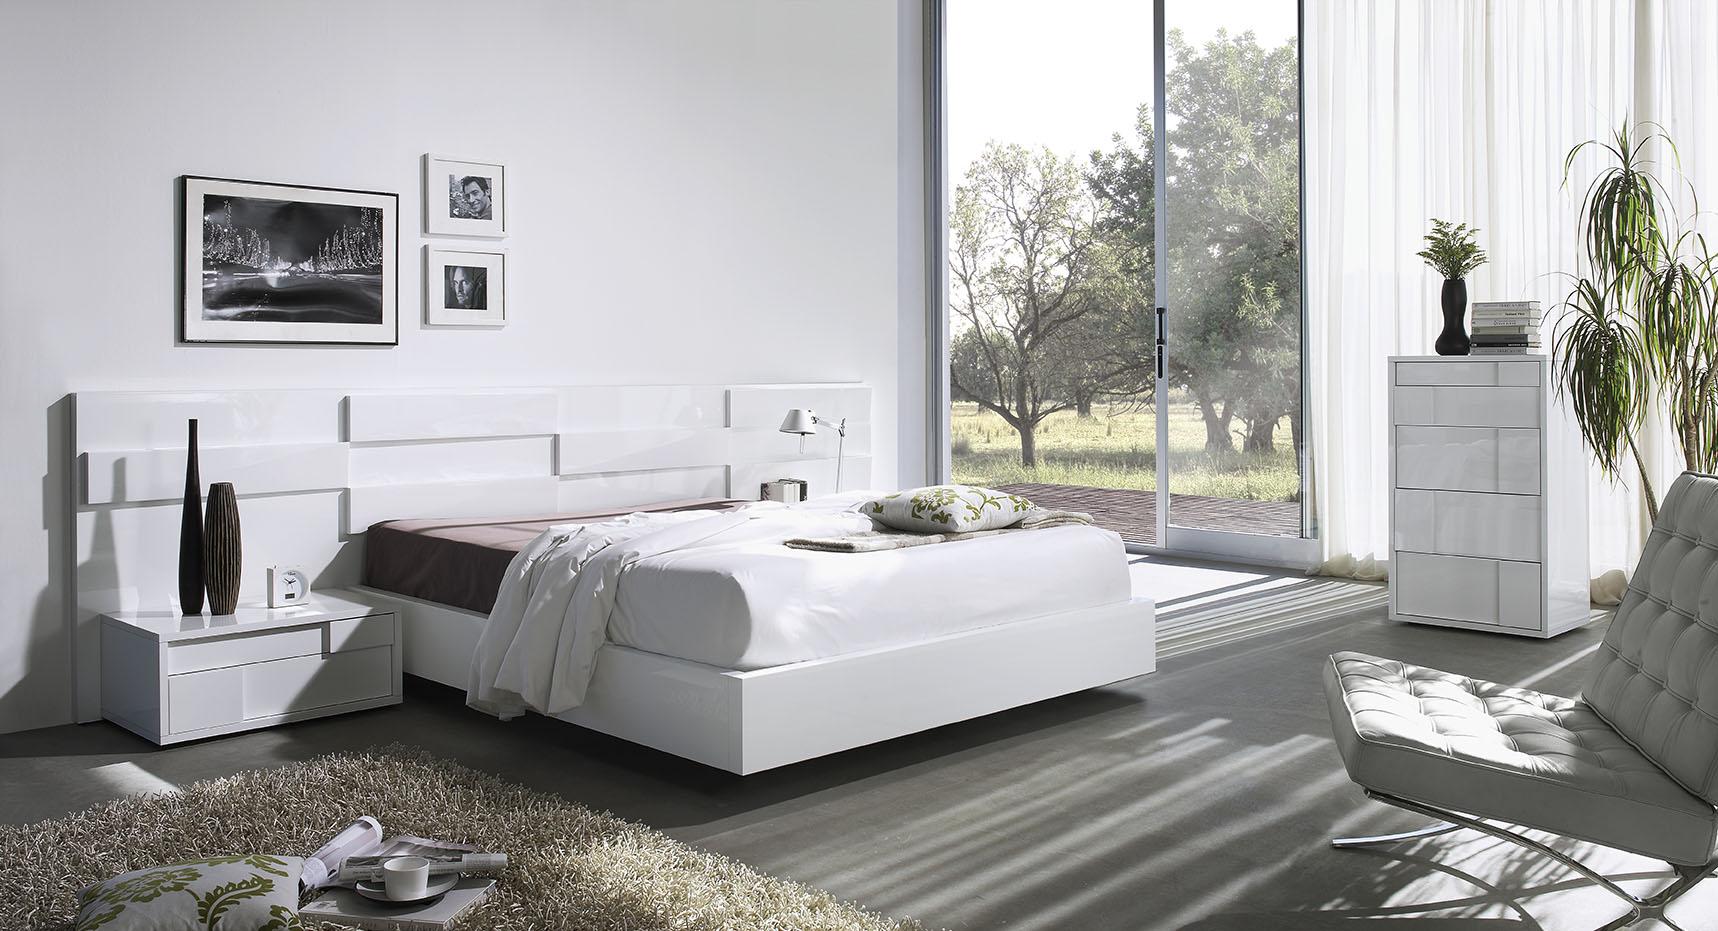 Colecci n de dormitorios de matrimonio xapa kimobel for Dormitorios modernos precios